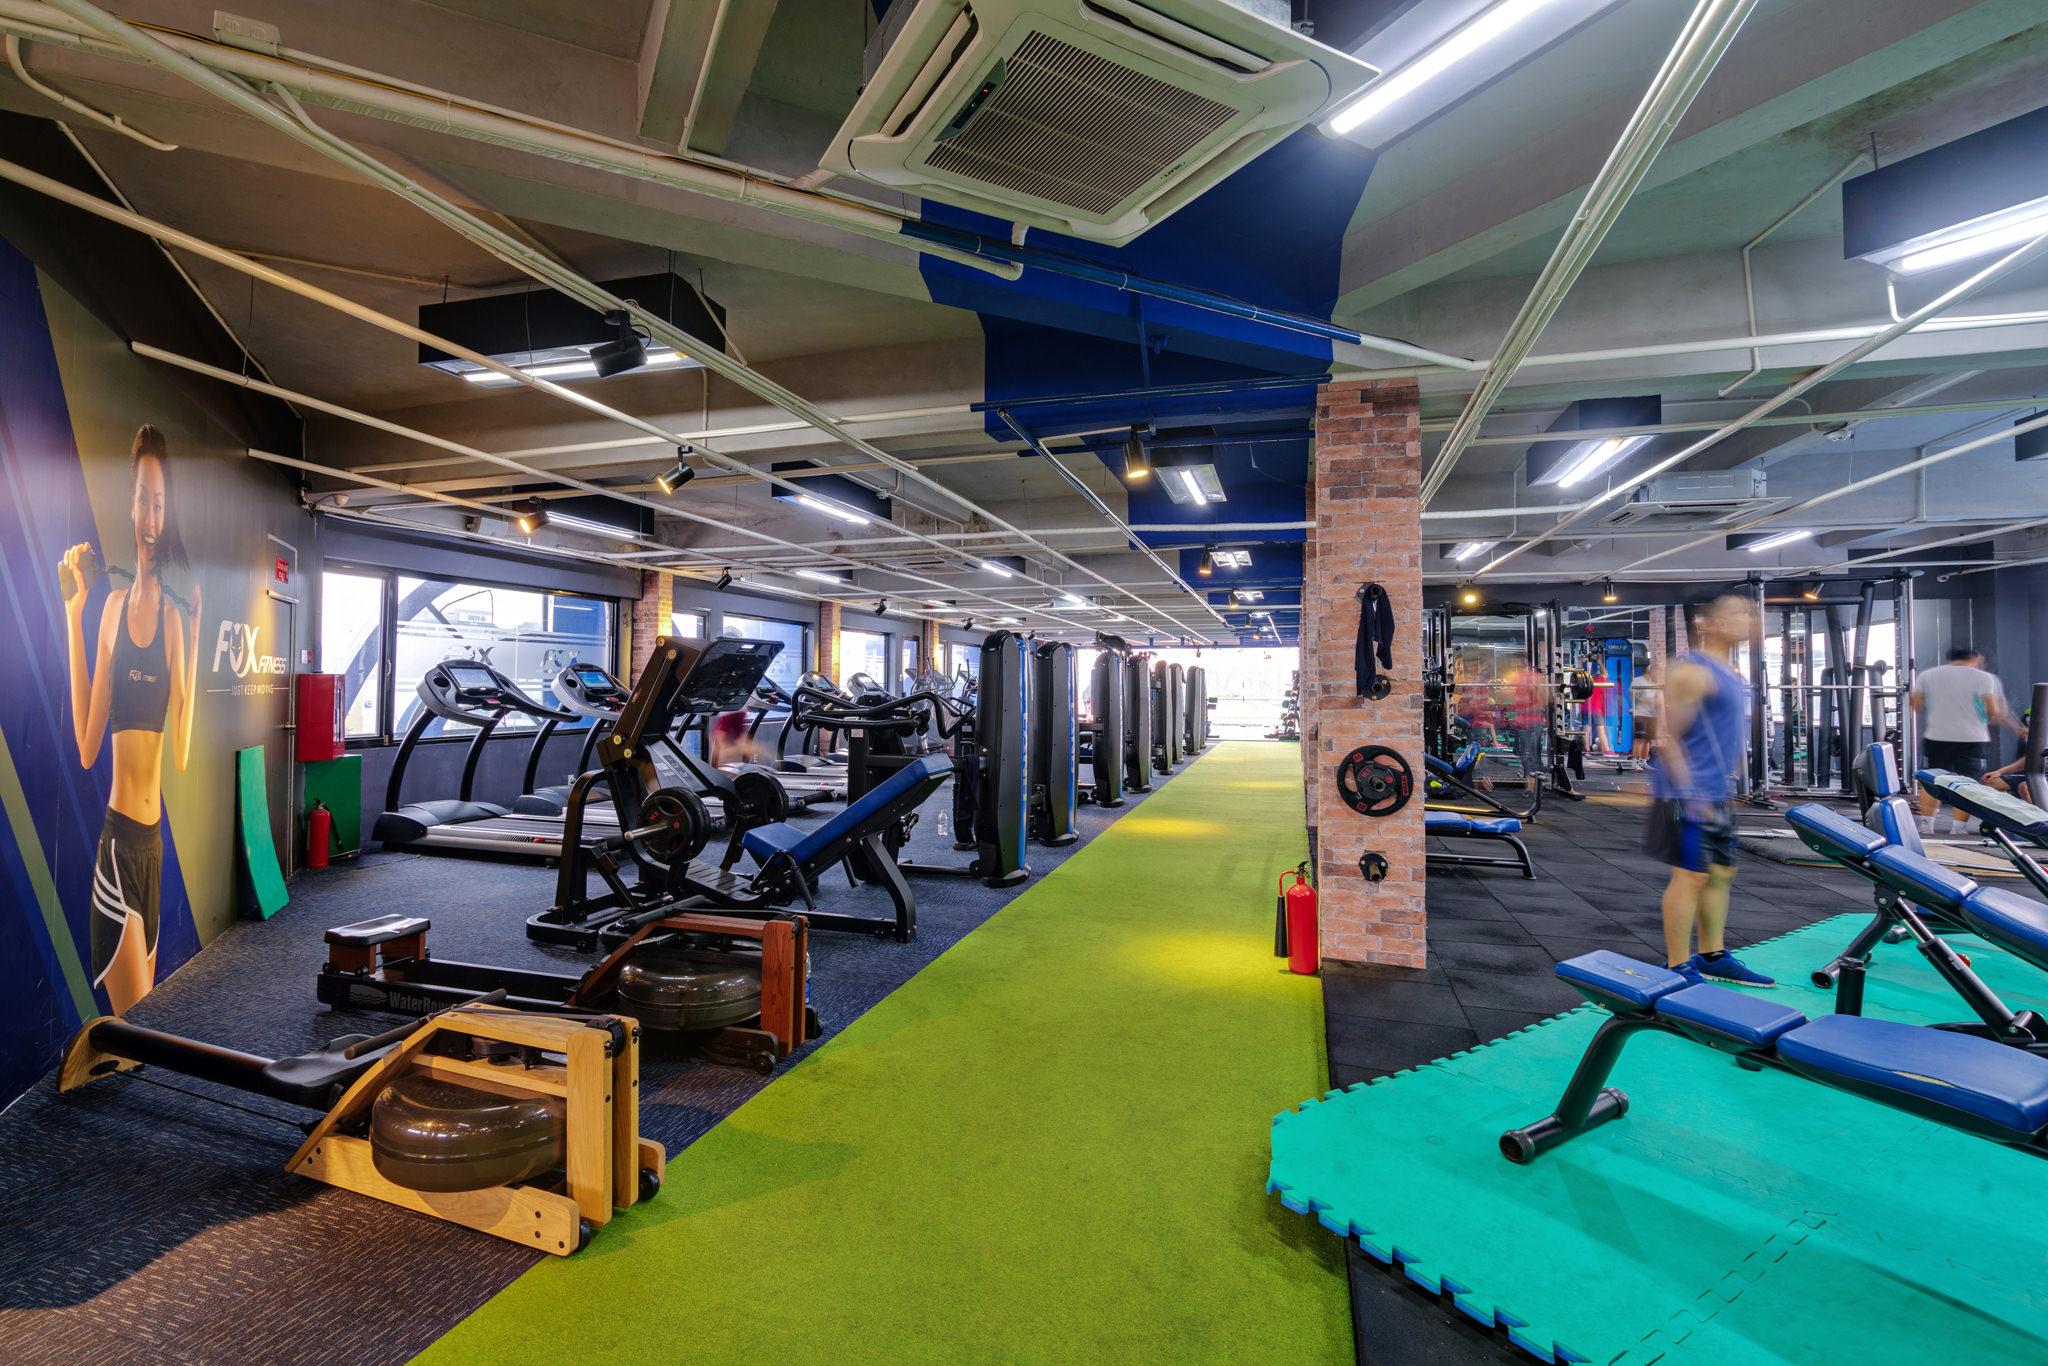 20180504 - Fox fitness - Interior - 05.jpg